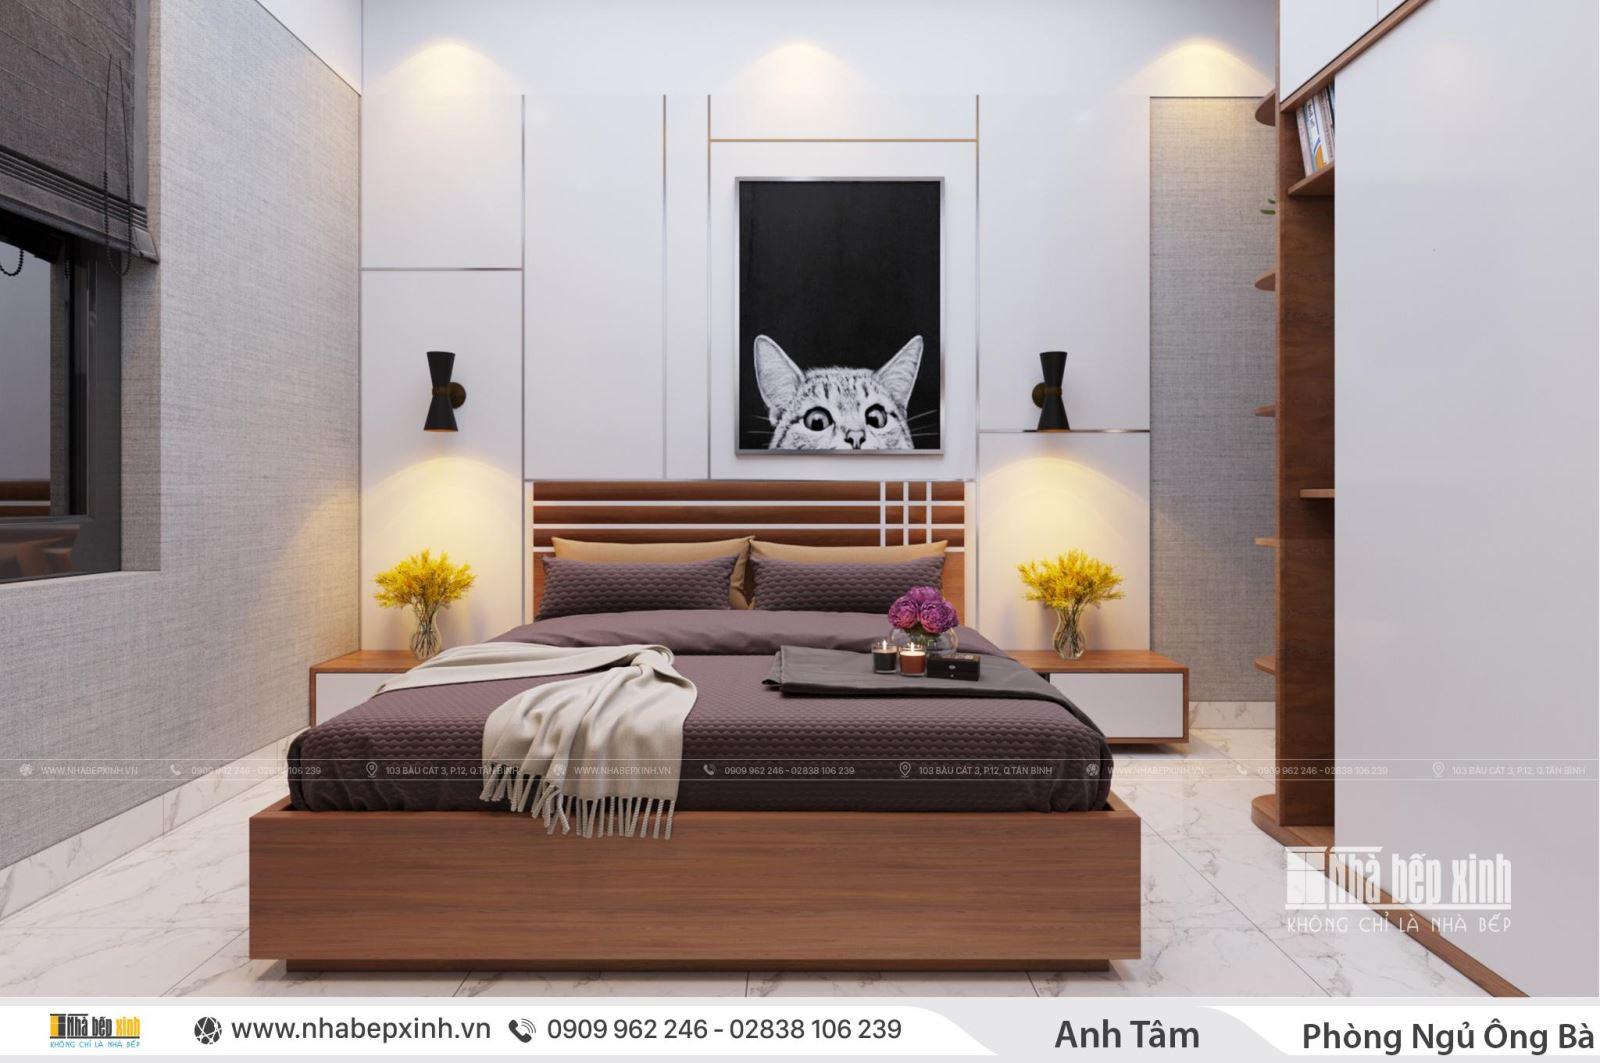 Khám phá nội thất nguyên căn đẹp tại tỉnh Bình Thuận